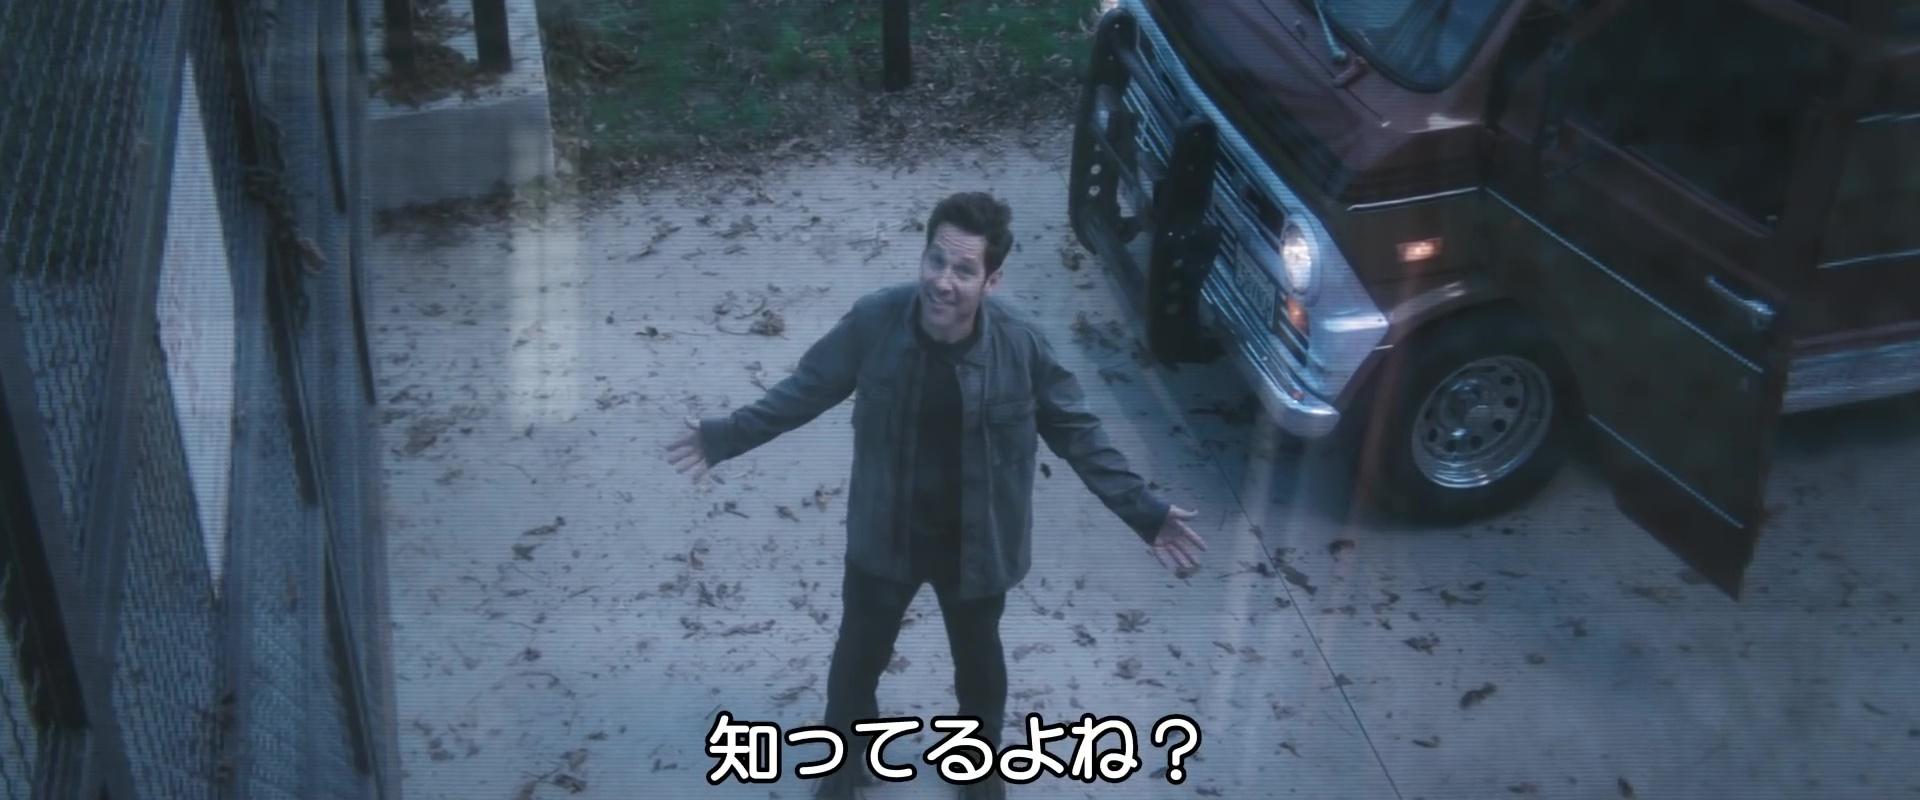 『エンドゲーム』予告編 アントマン